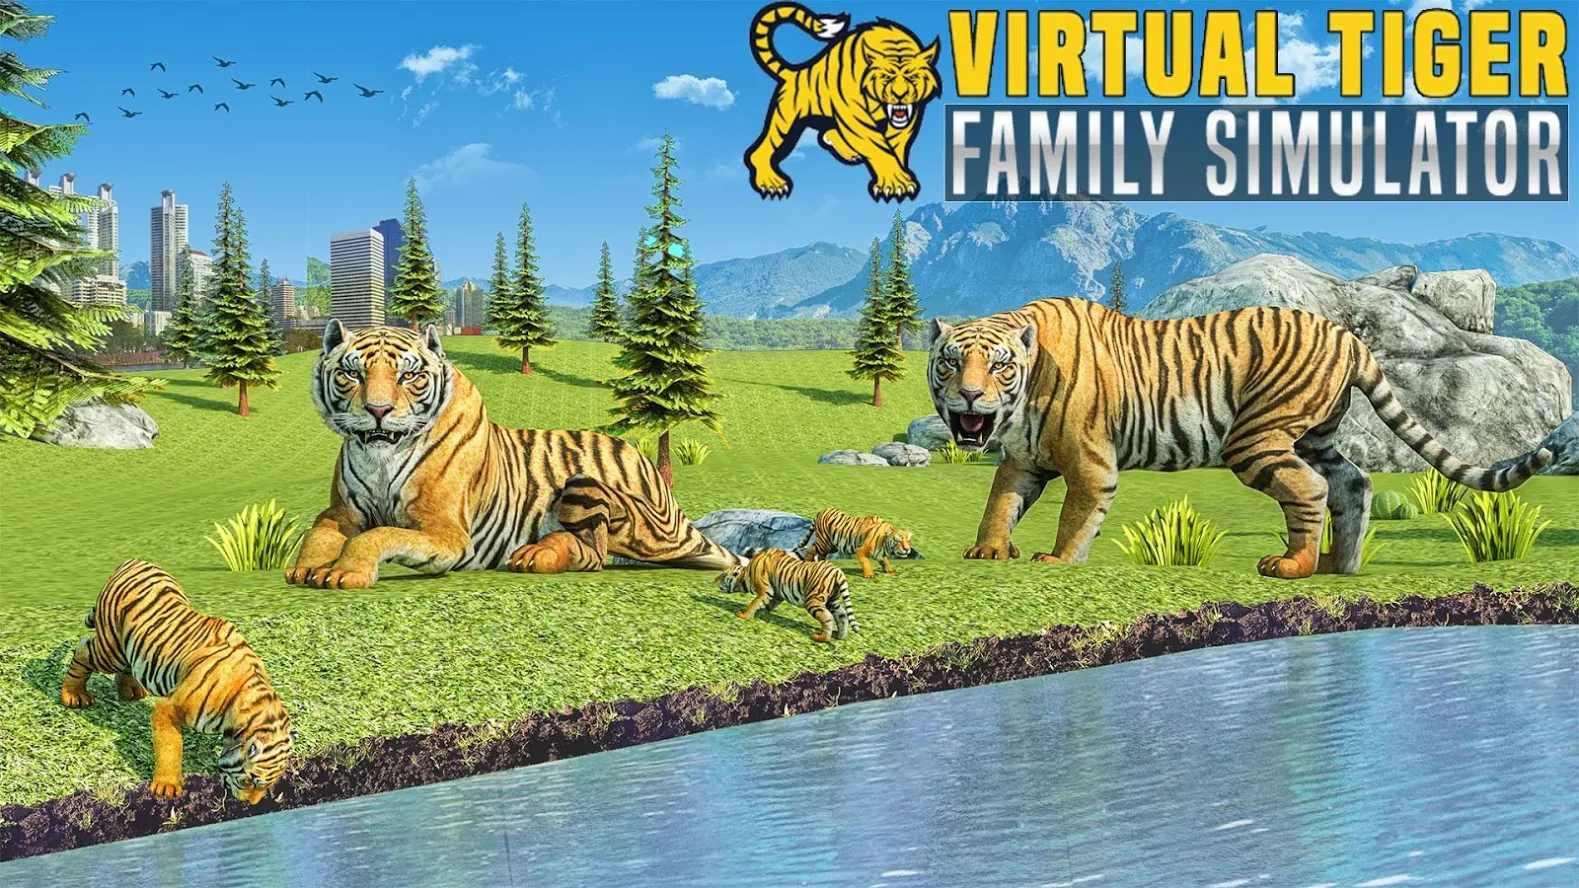 老虎家庭模拟器无限金币版